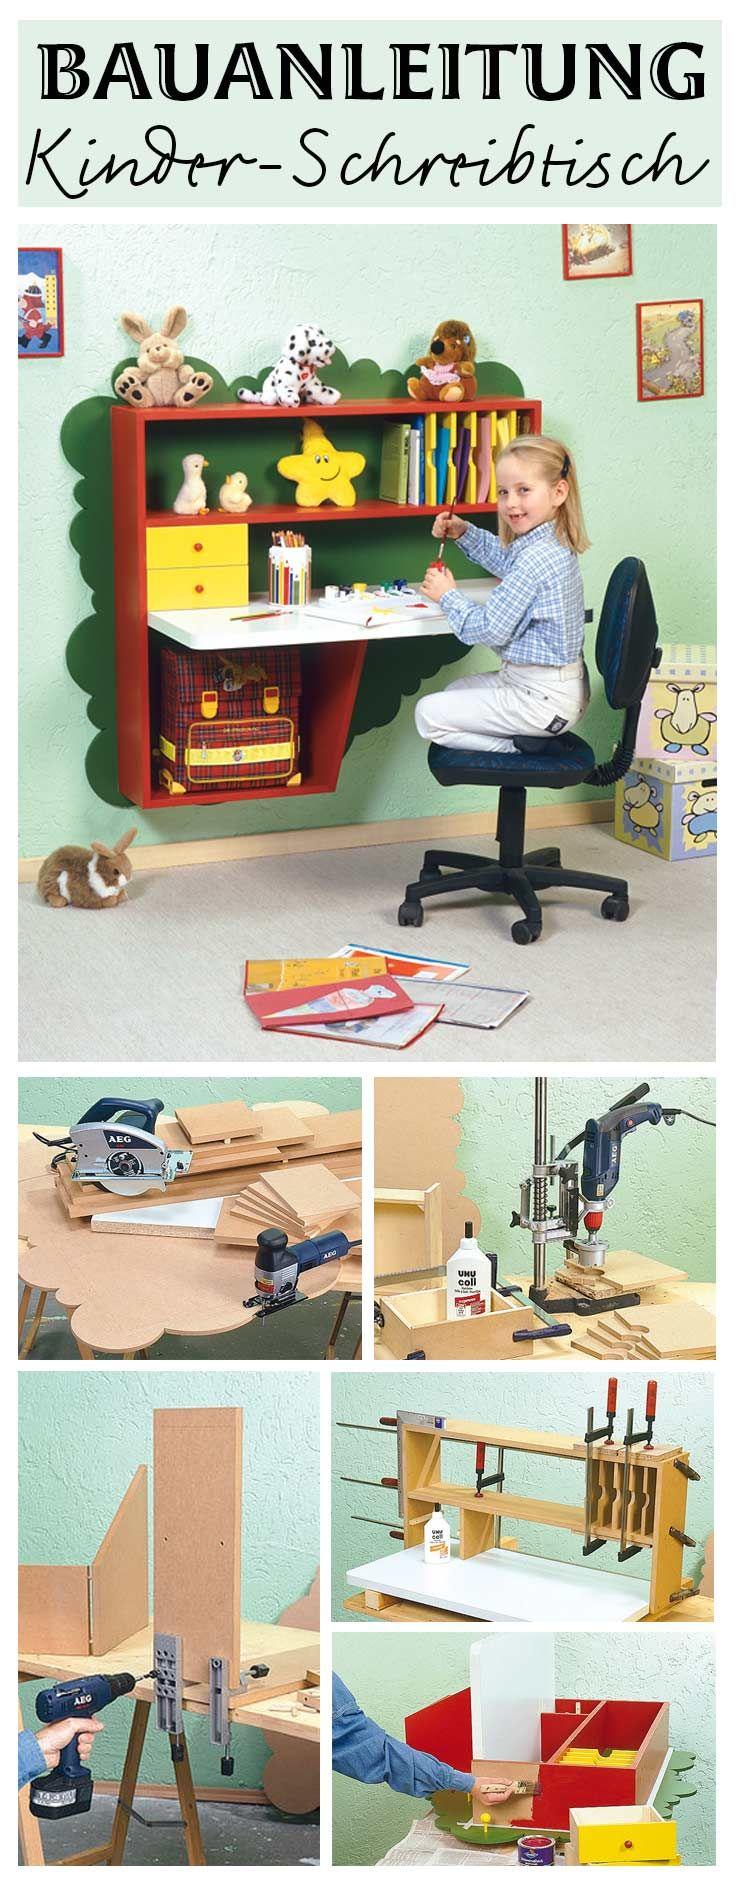 die besten 17 ideen zu kinder schreibtisch auf pinterest kinderschreibtisch kinderzimmer. Black Bedroom Furniture Sets. Home Design Ideas